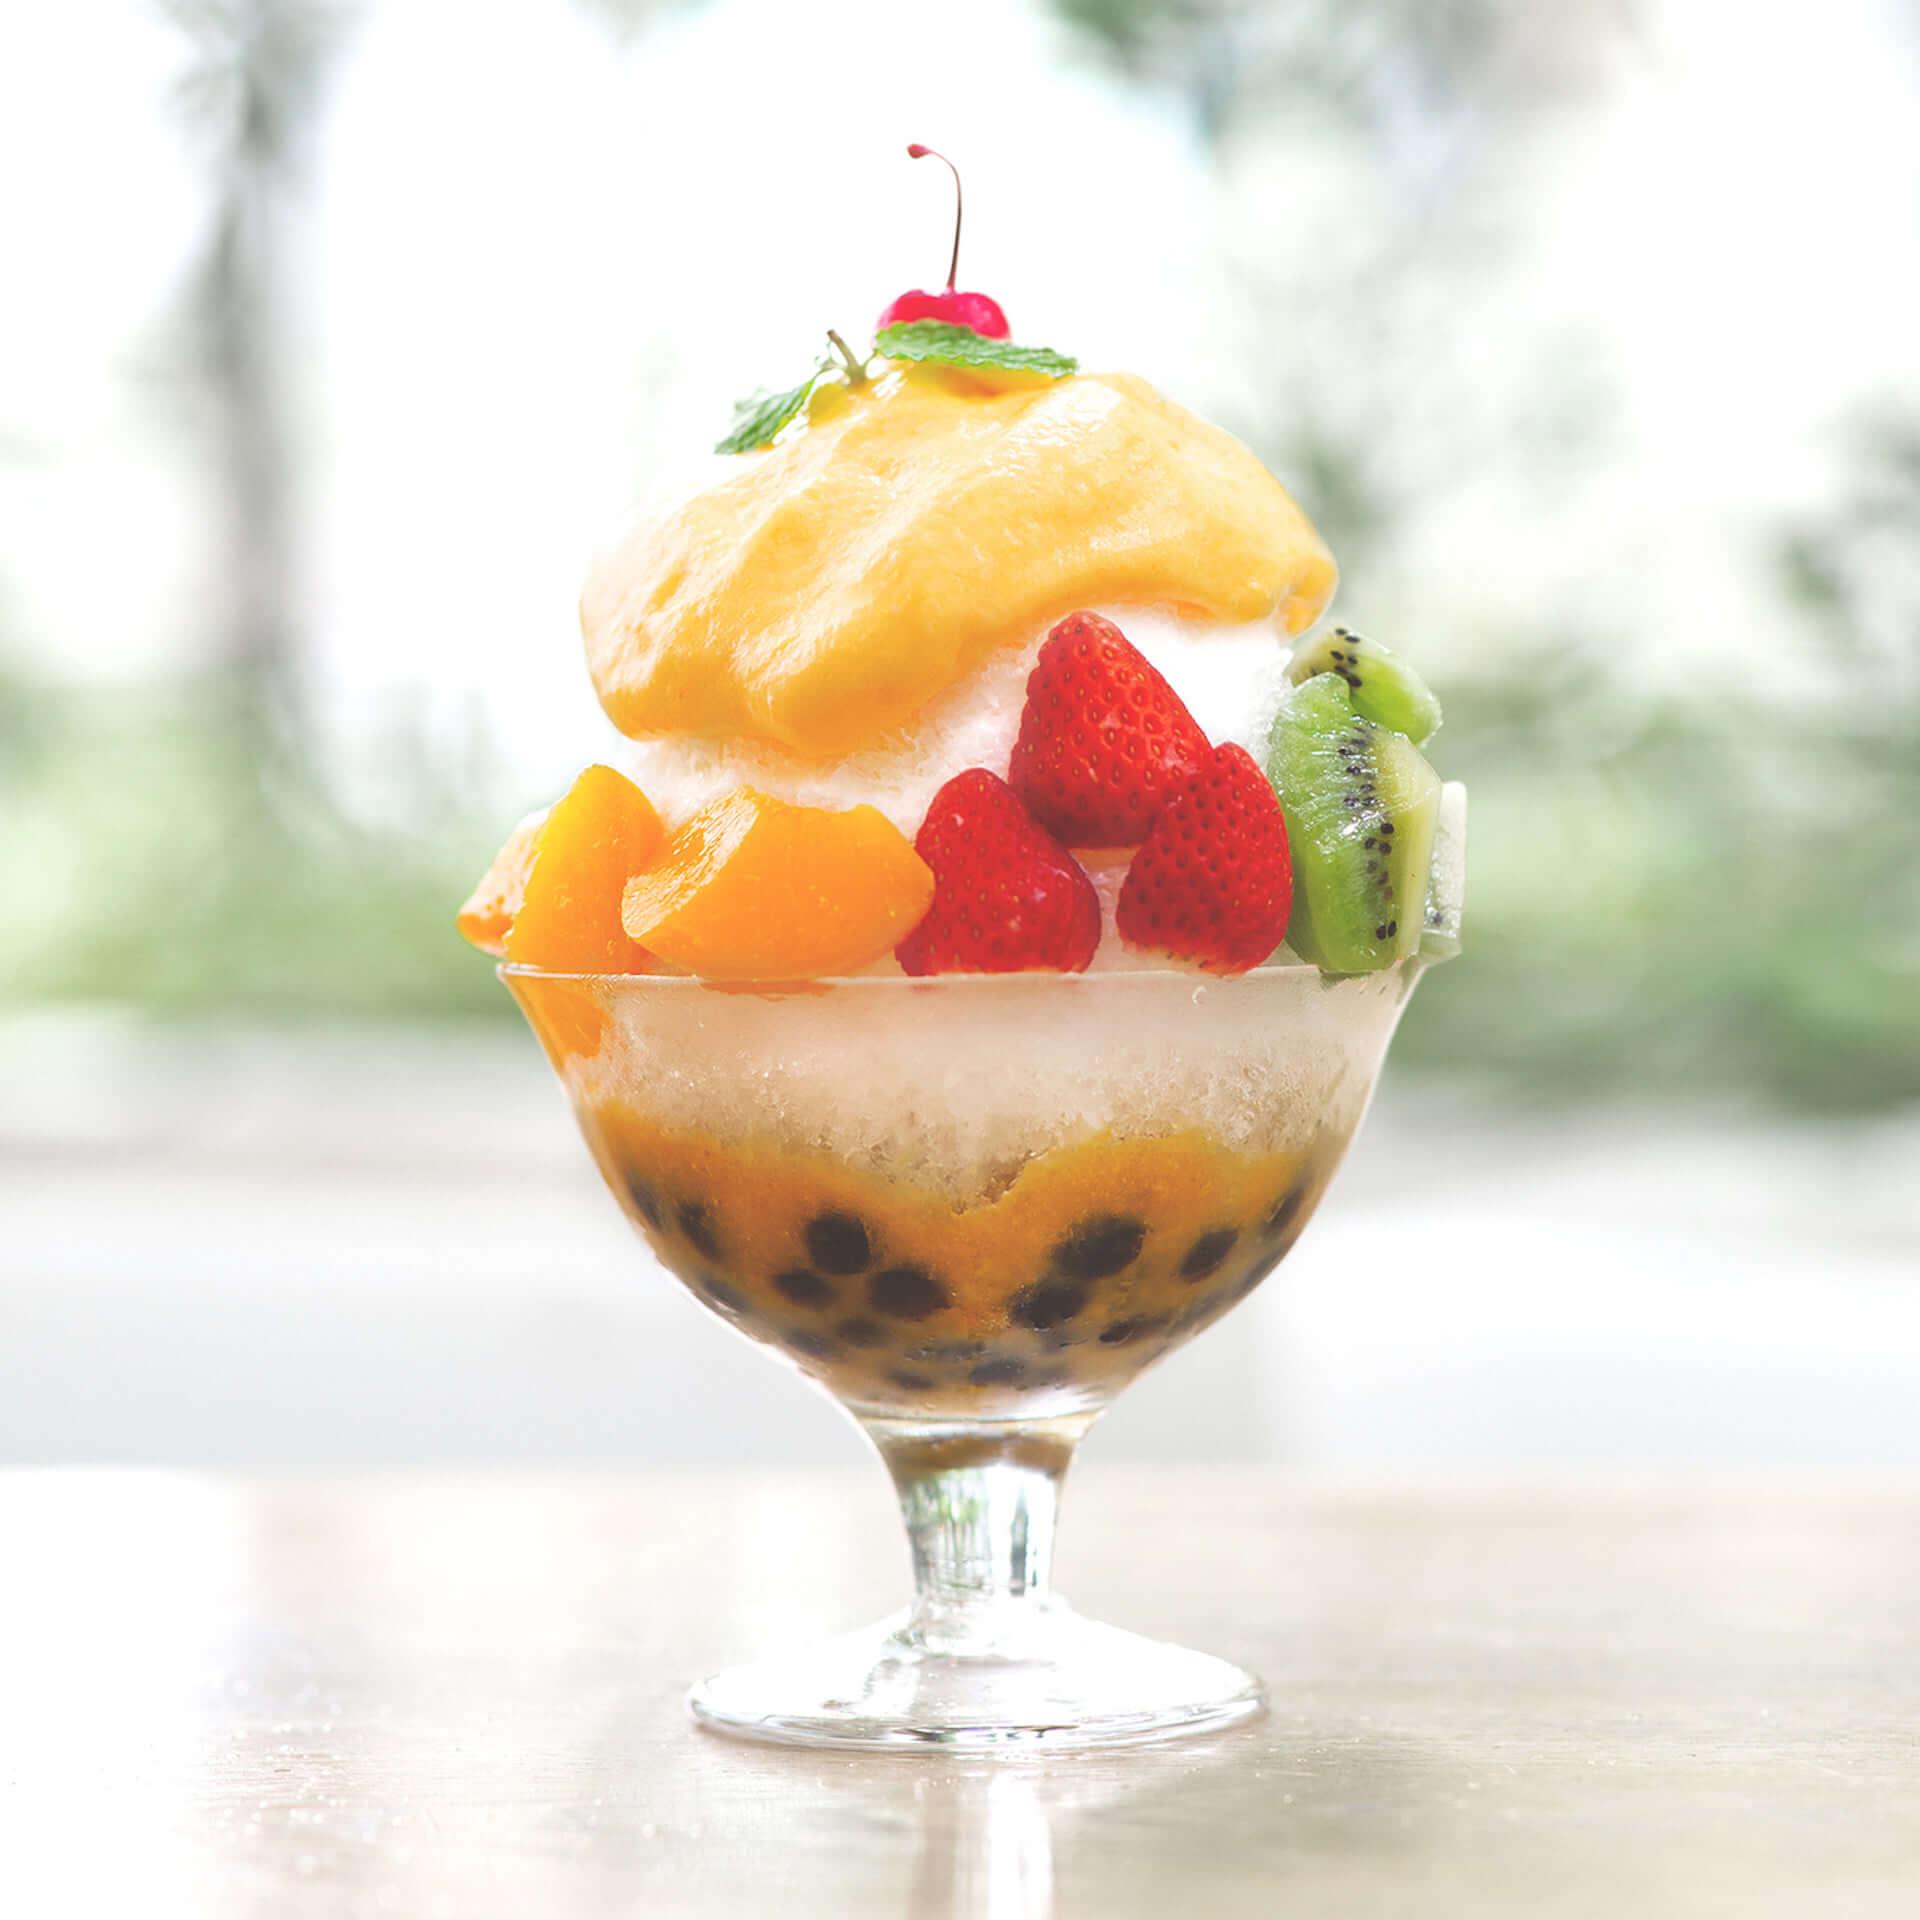 大阪名物ミックスジュース×タピオカかき氷が新登場!5種のフルーツがトッピングされた「ふわっとタピオカかき氷」 gourmet190626mixedjuice-kakigori_1-1920x1920